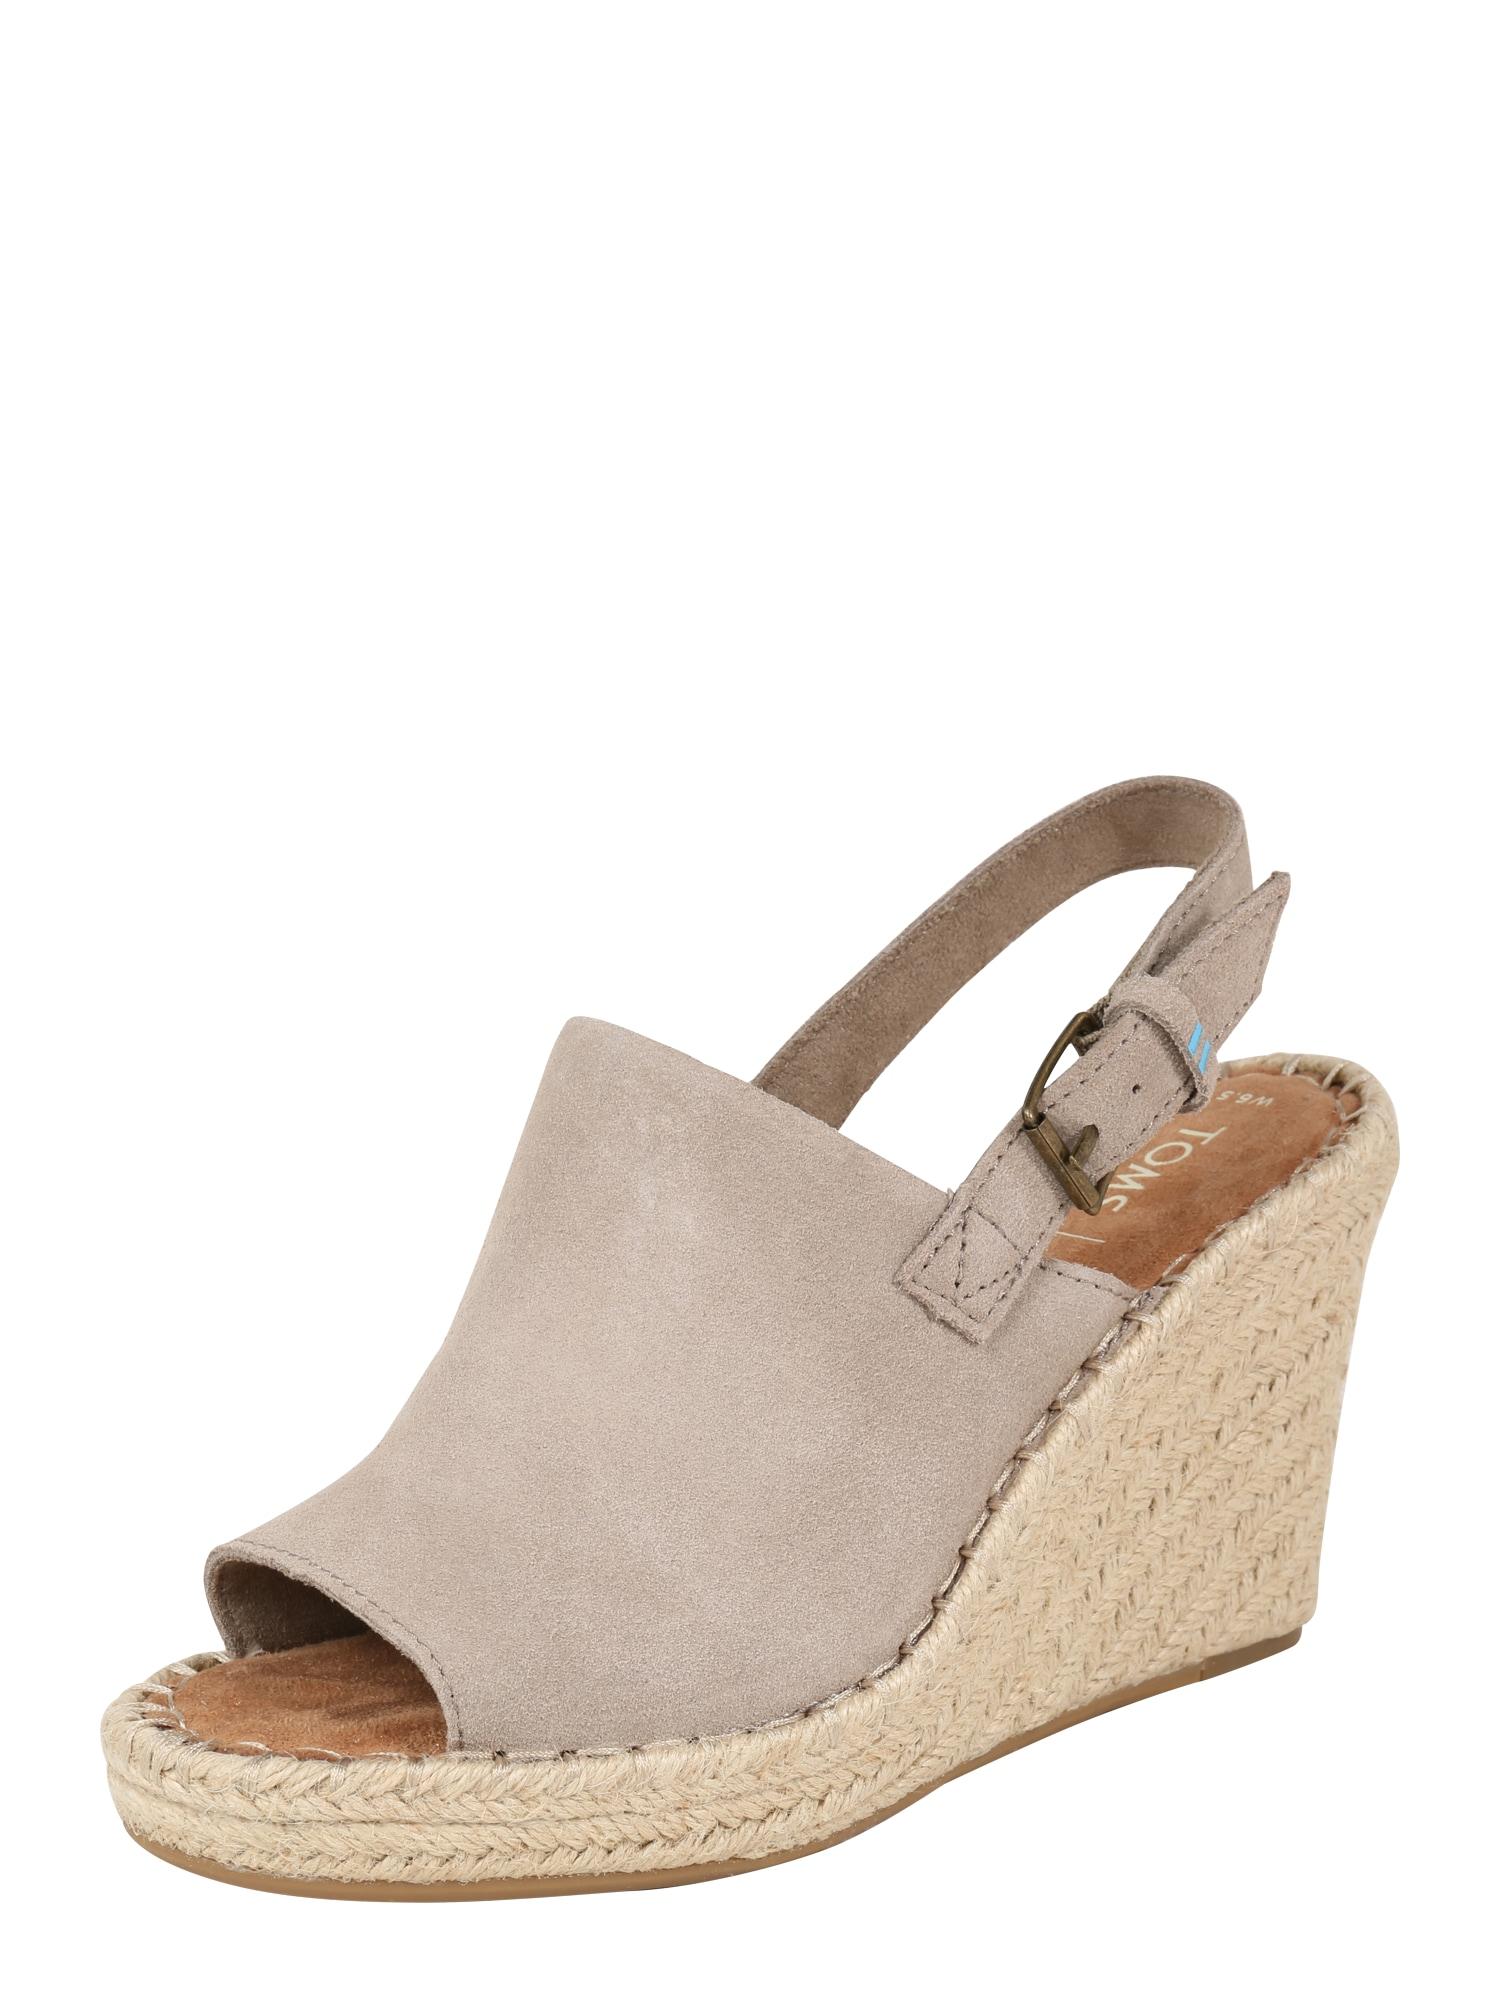 Páskové sandály MONICA béžová šedobéžová TOMS